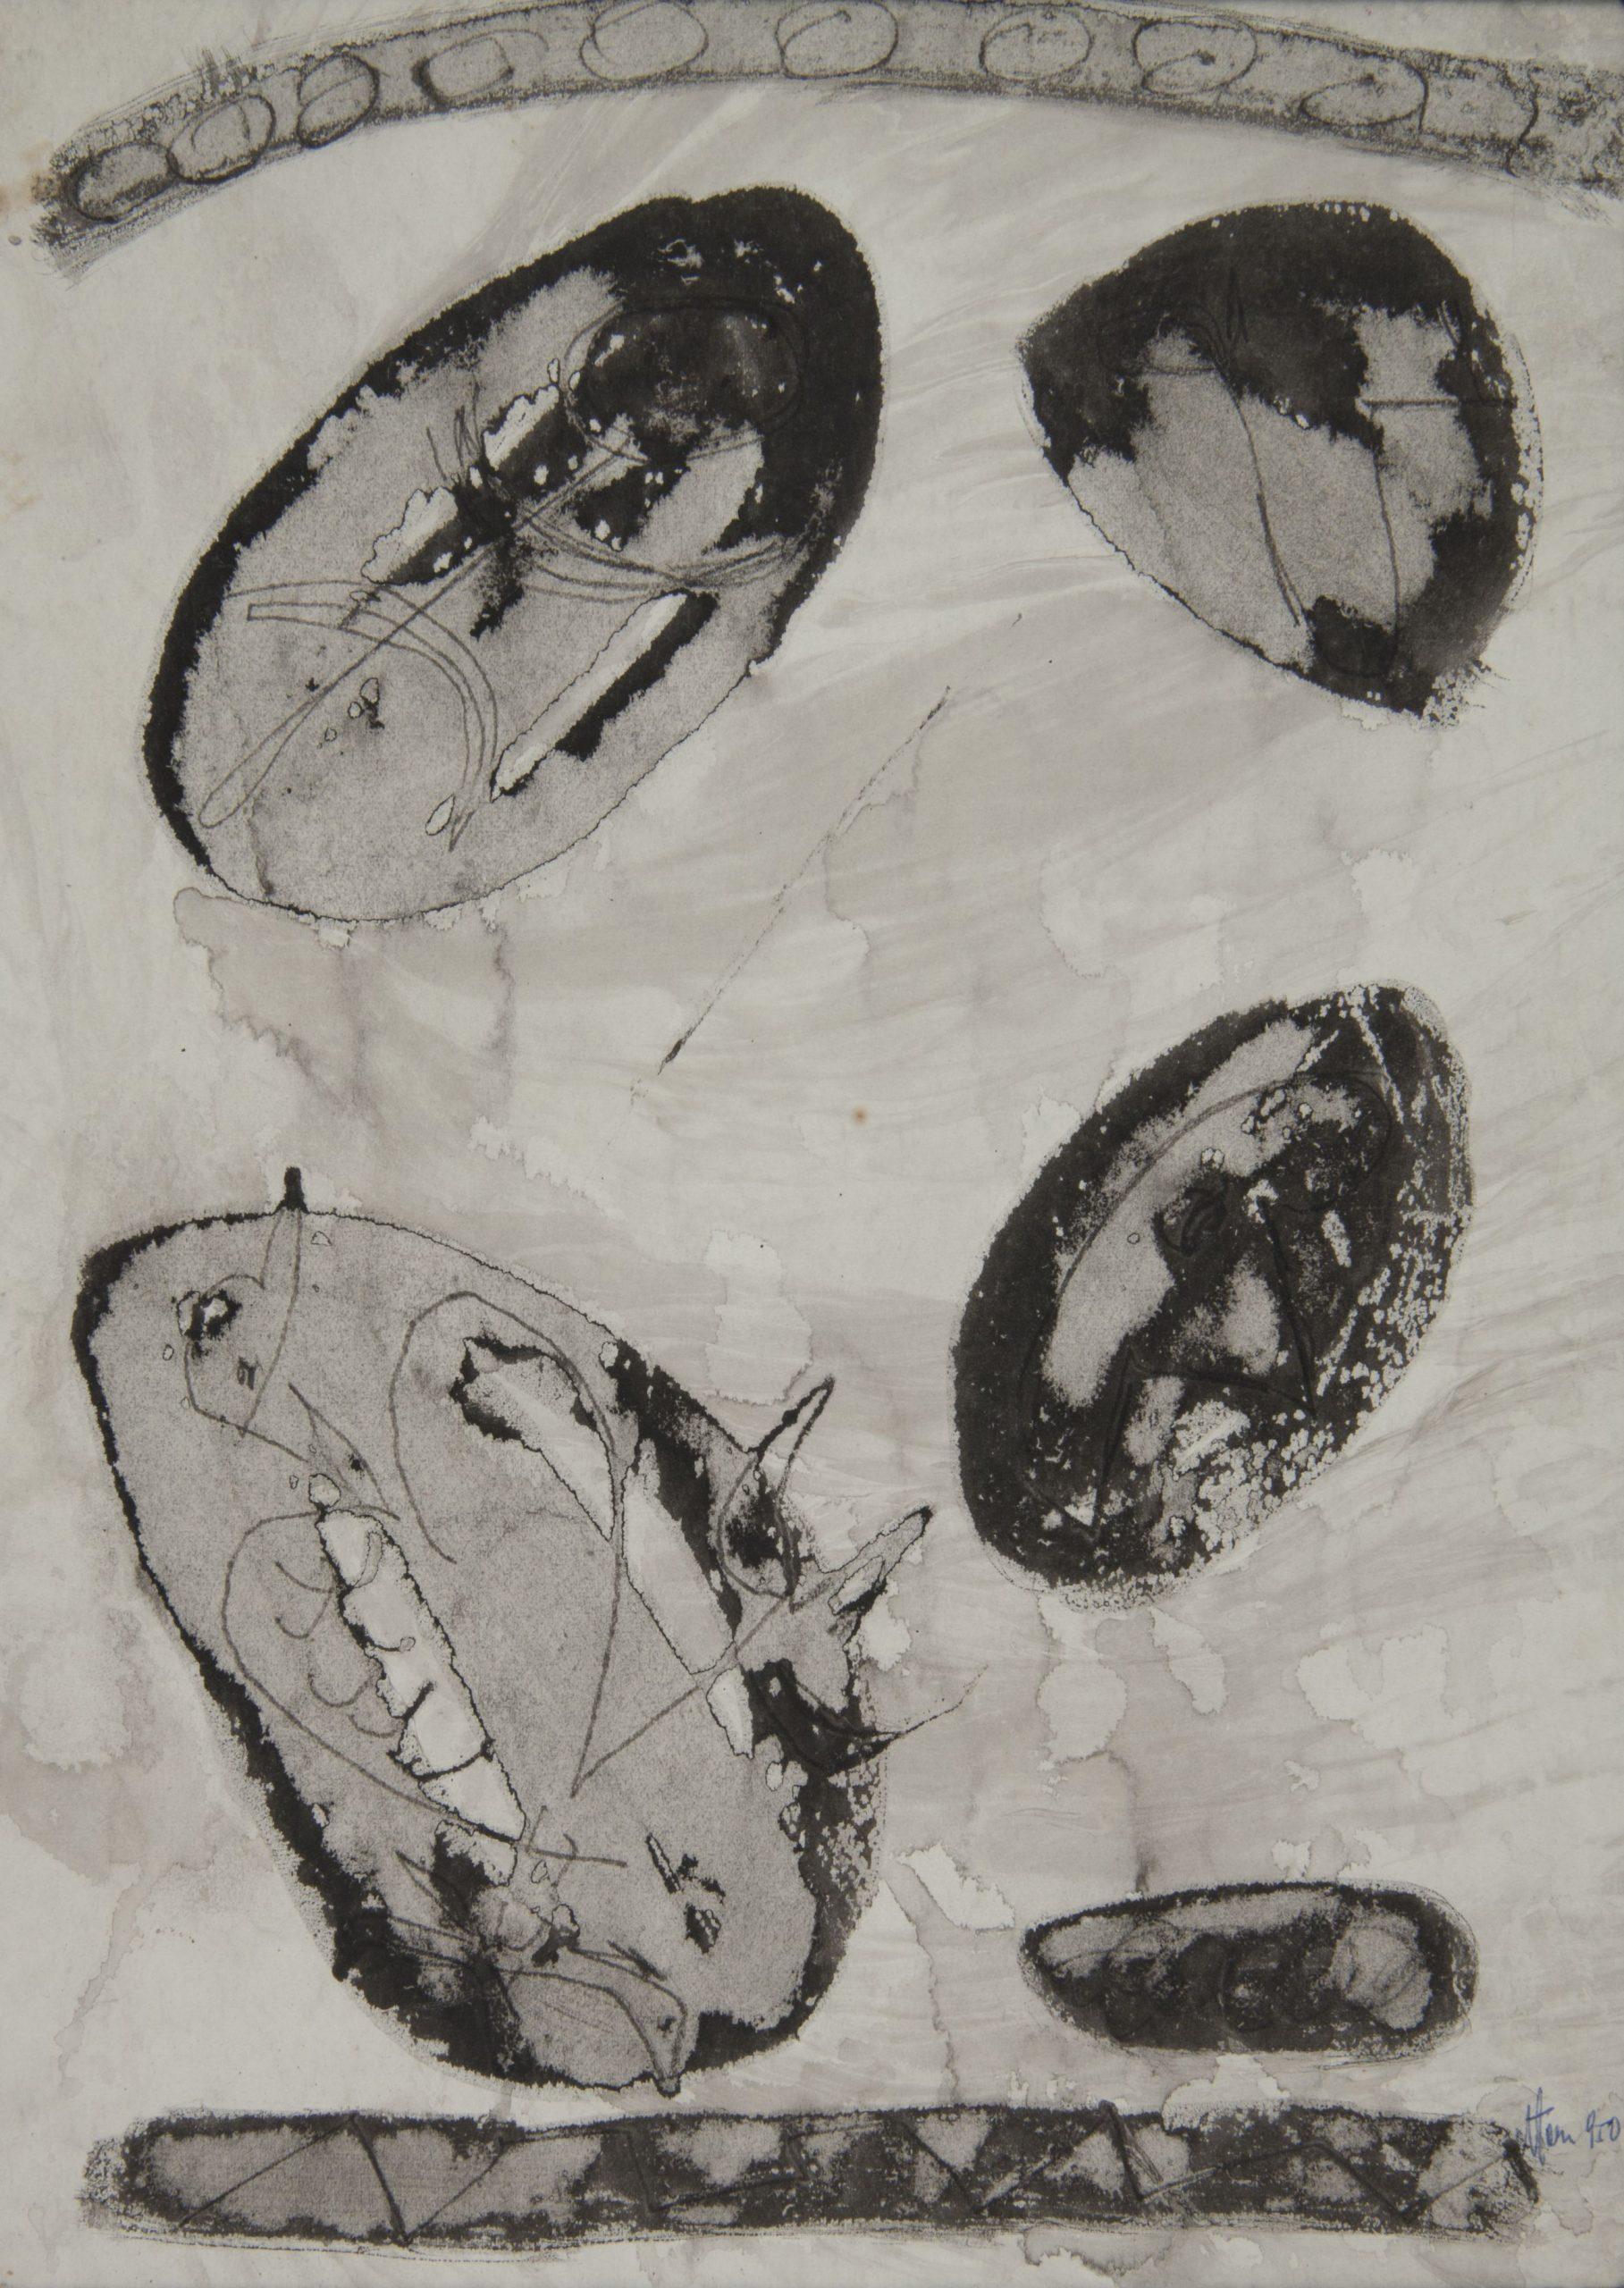 Jonasz Stern, Kompozycja, tusz, papier, wosk, 1950, Muzeum Narodowe w Krakowie (źródło: materiały prasowe)